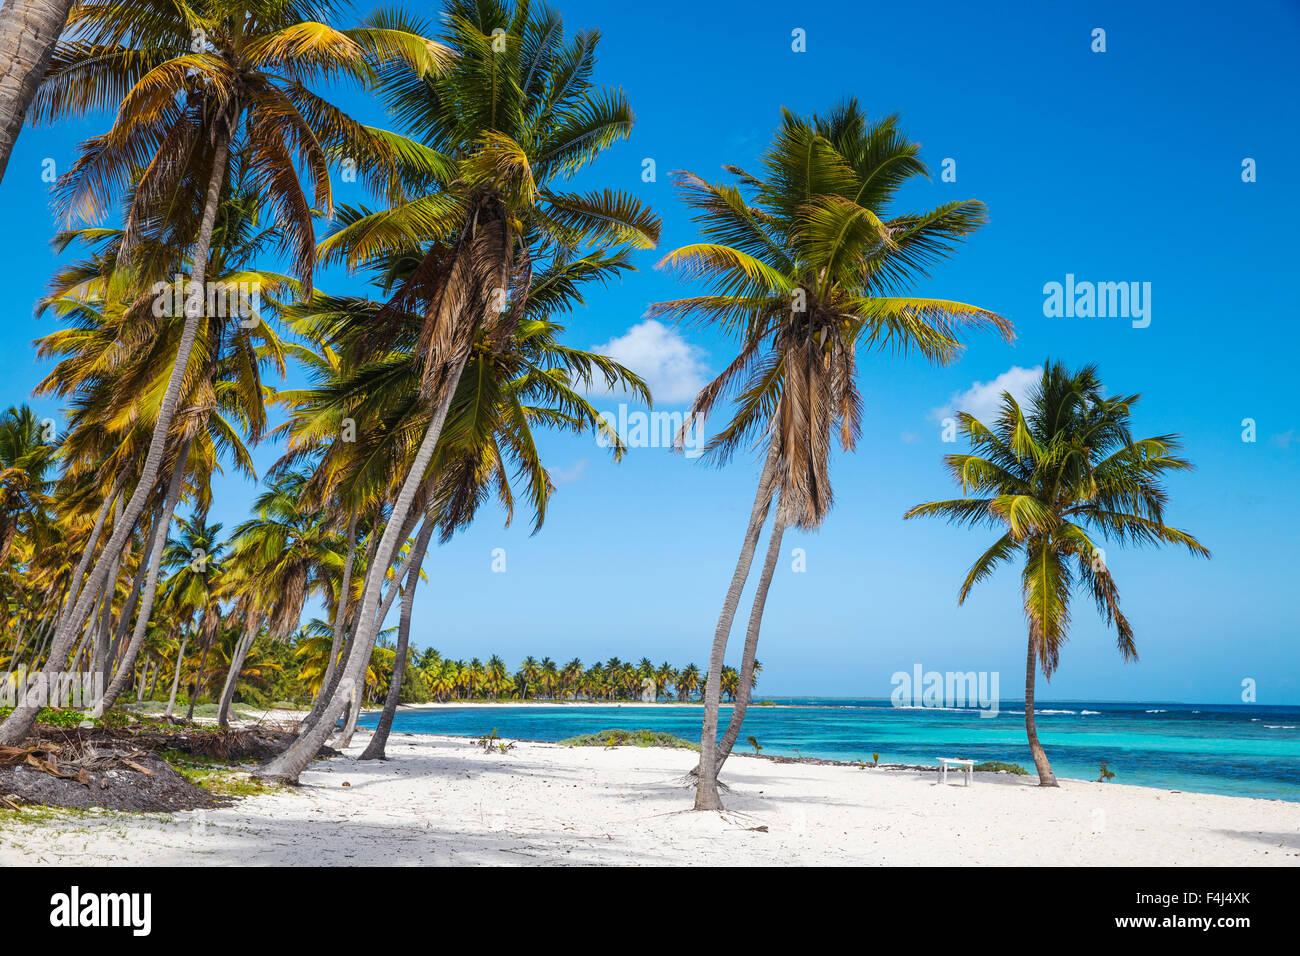 Canto de la playa, Isla Saona, Parque Nacional del Este, Punta Cana, República Dominicana, Antillas, Caribe Imagen De Stock